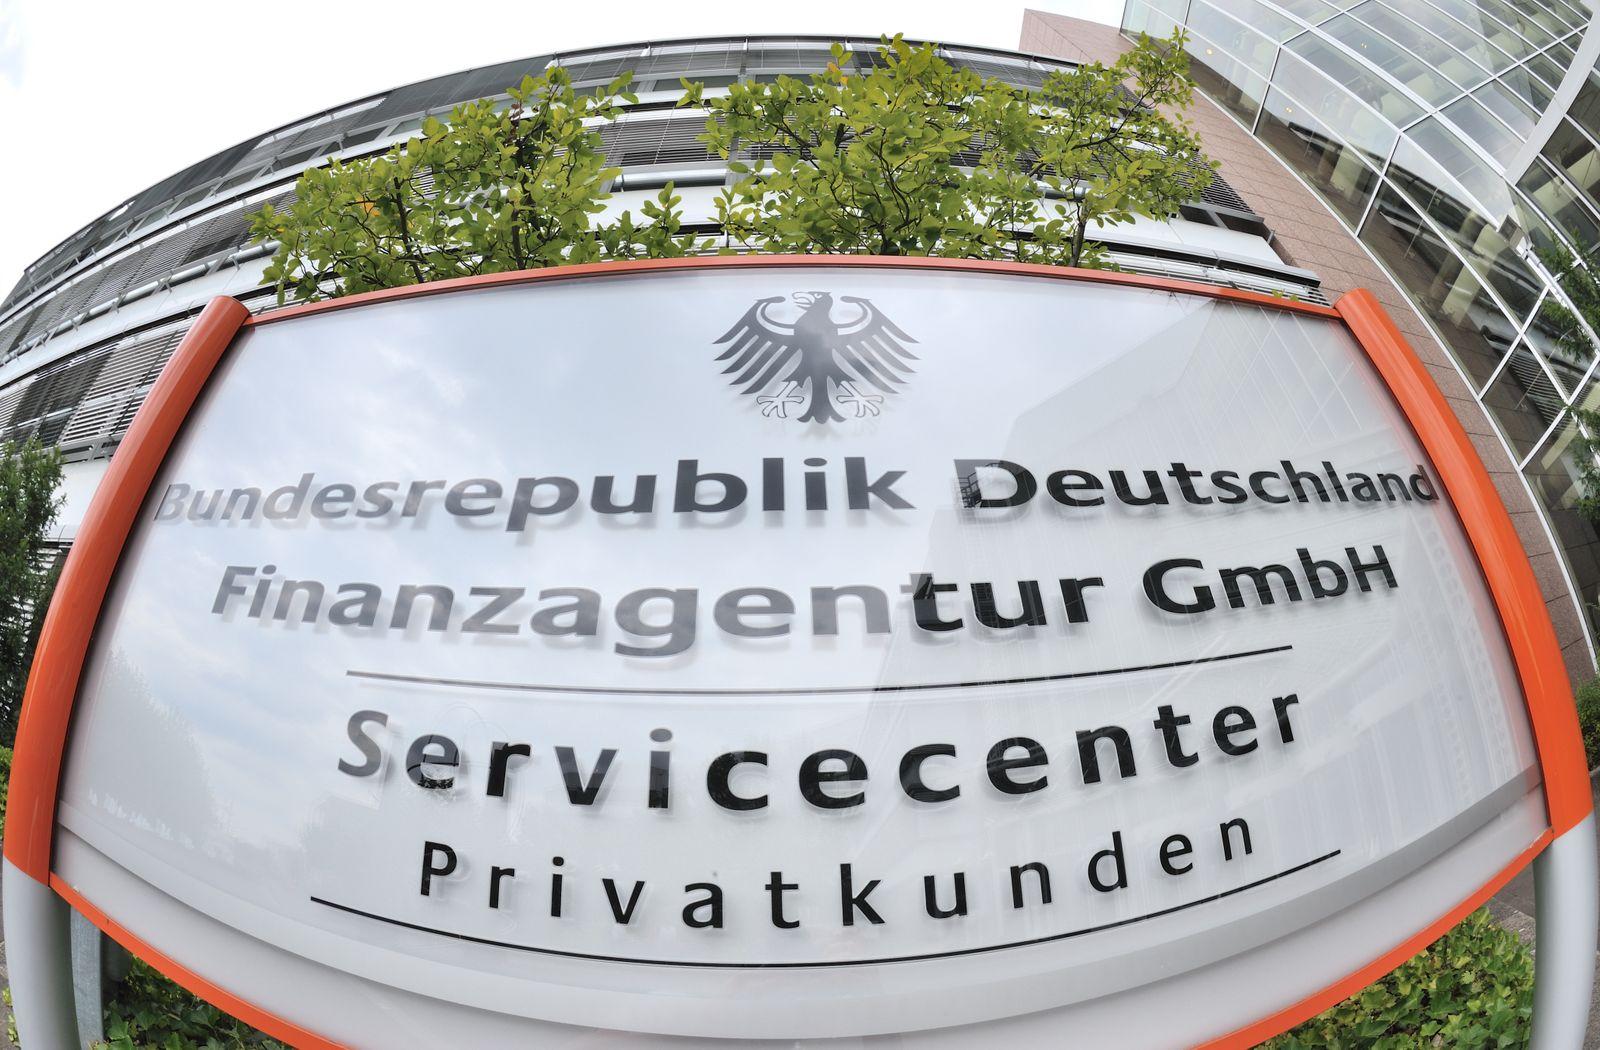 Finanzagentur GmbH